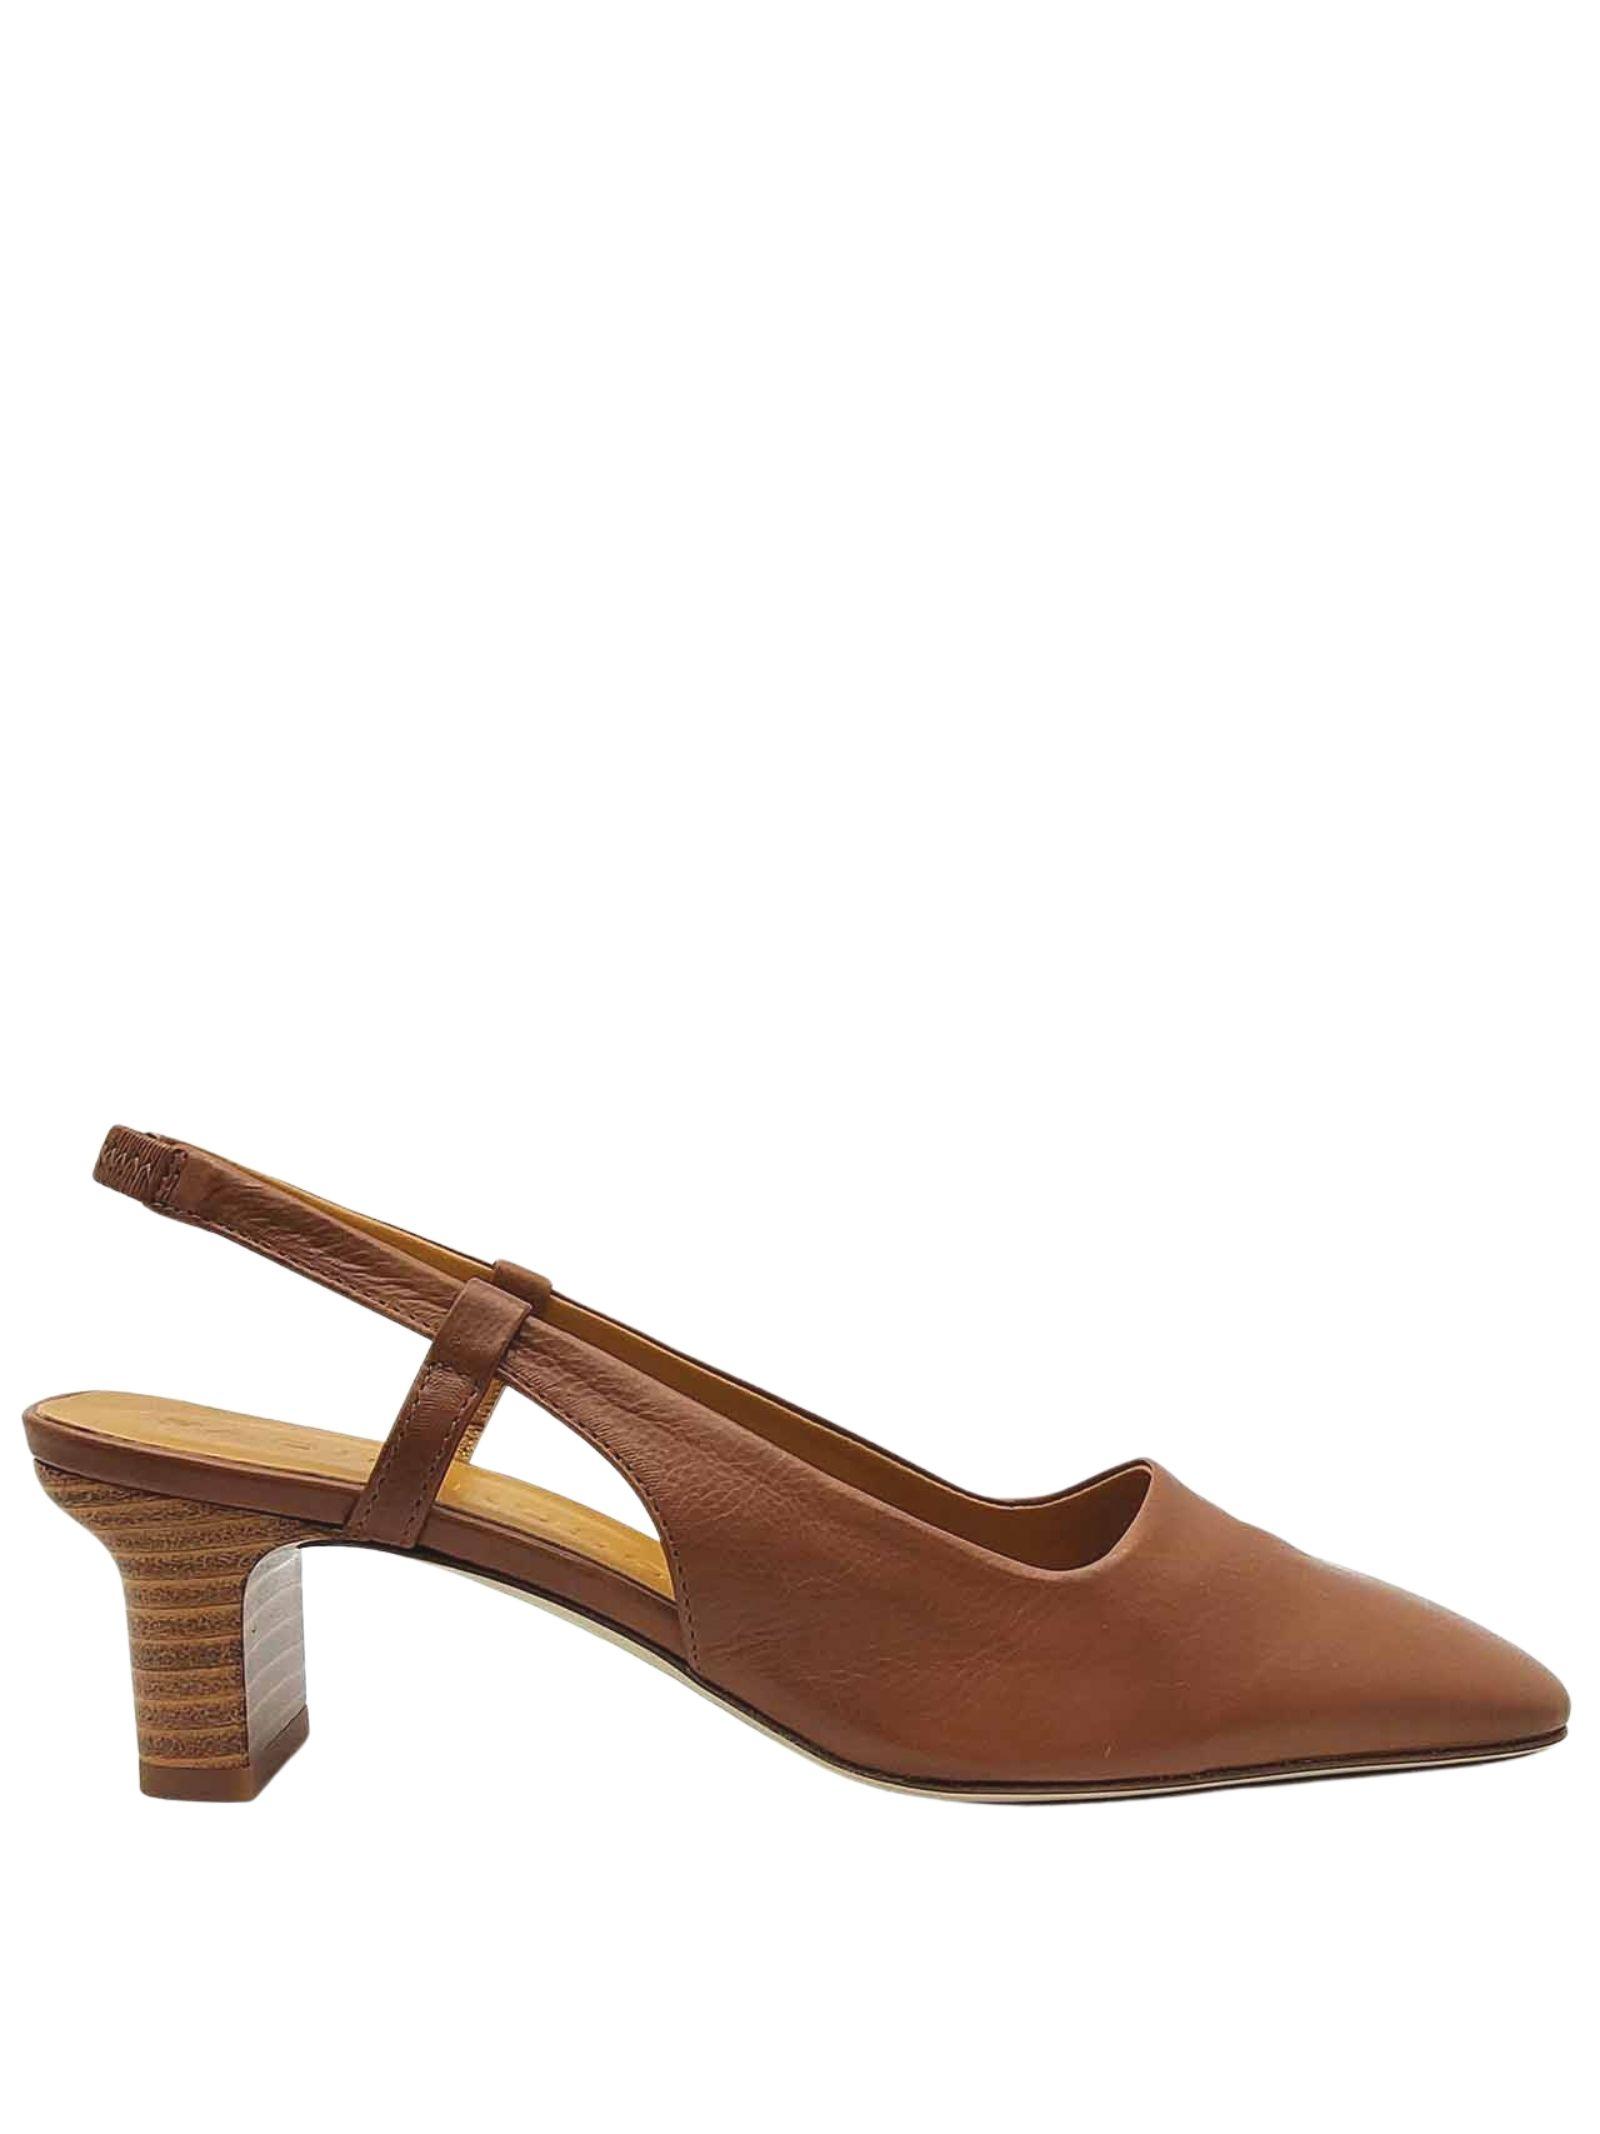 Calzature Donna Sandali Chanel in Pelle Cuoio con Punta Quadra e Cinturino Posteriore Fabio Rusconi | Sandali | LIVIA1330014